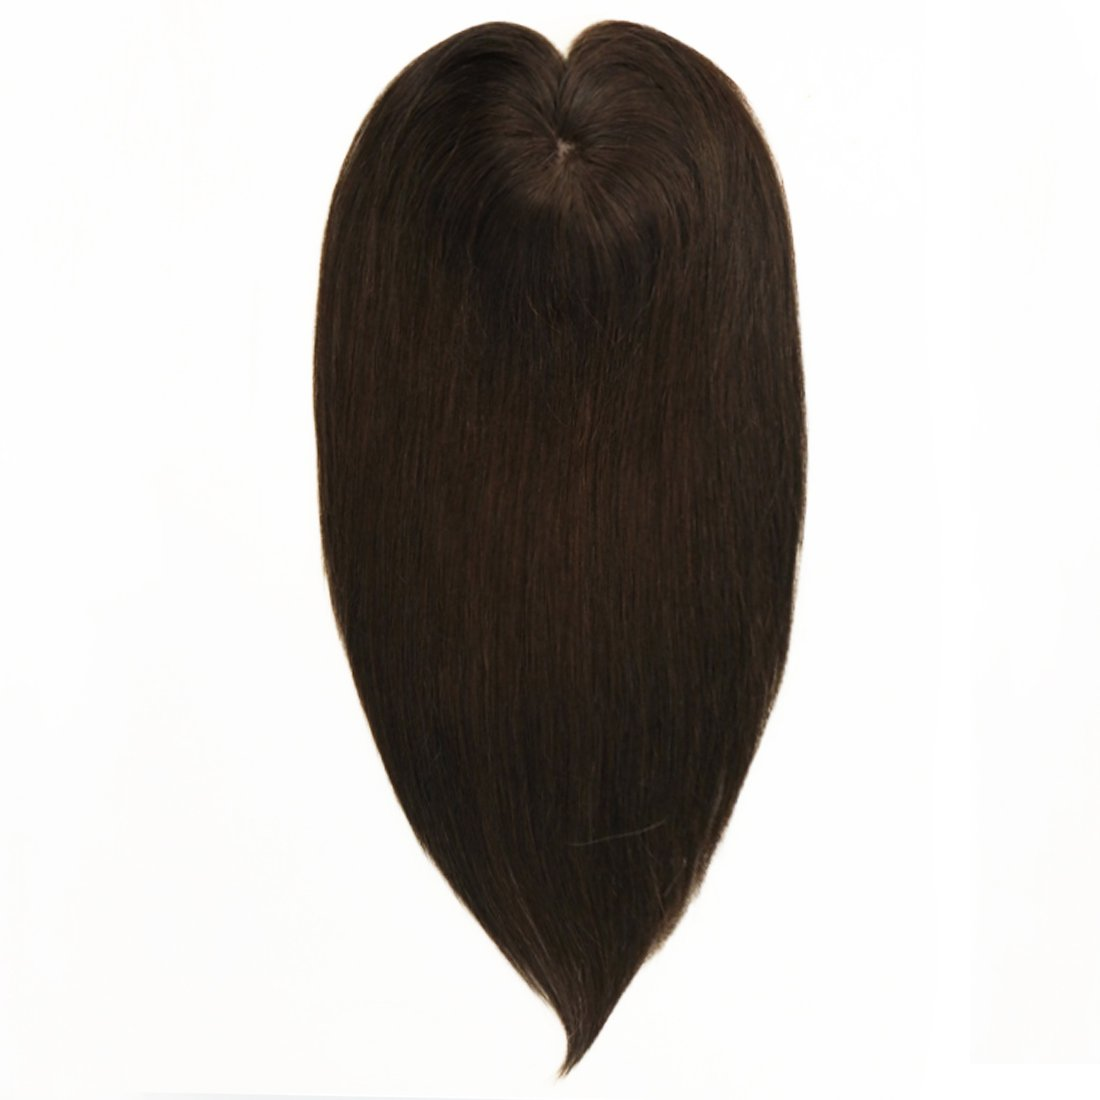 Uniwigs 5.5''×5.5'' Claire Silk Top Virgin Remy Human Hair Topper, Straight Hair For Hair Loss or Thin Hair (12'', G-2)